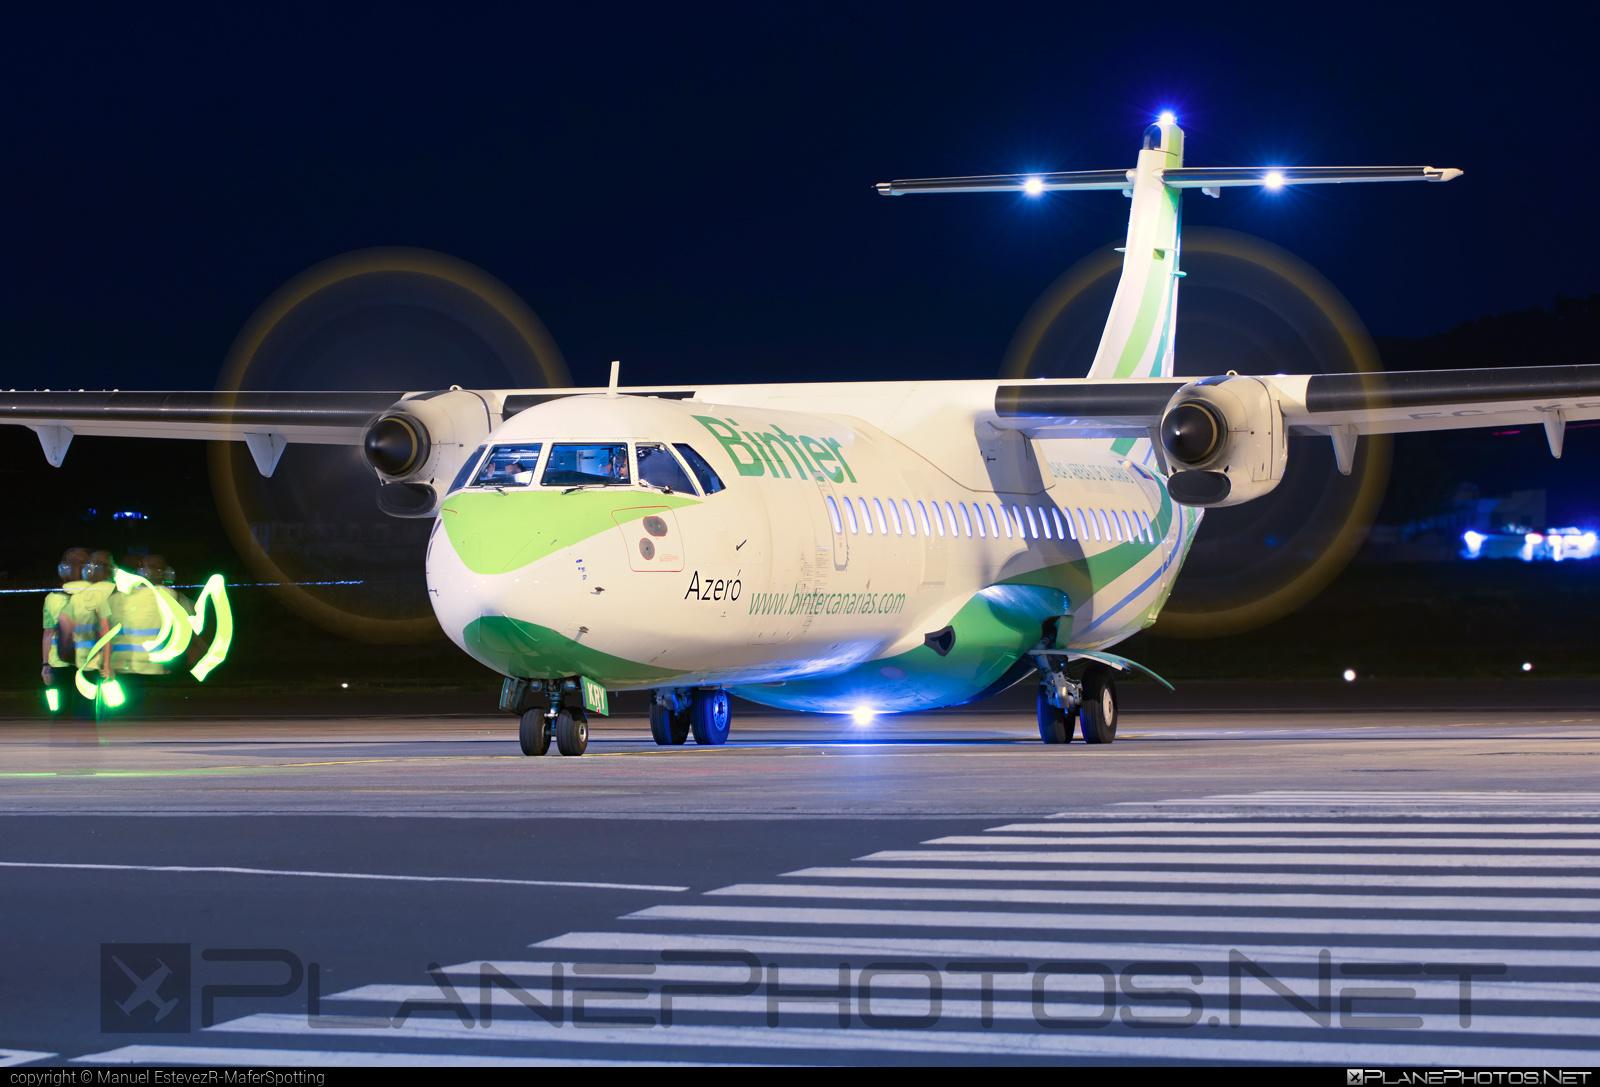 ATR 72-212A - EC-KRY operated by Binter Canarias #atr